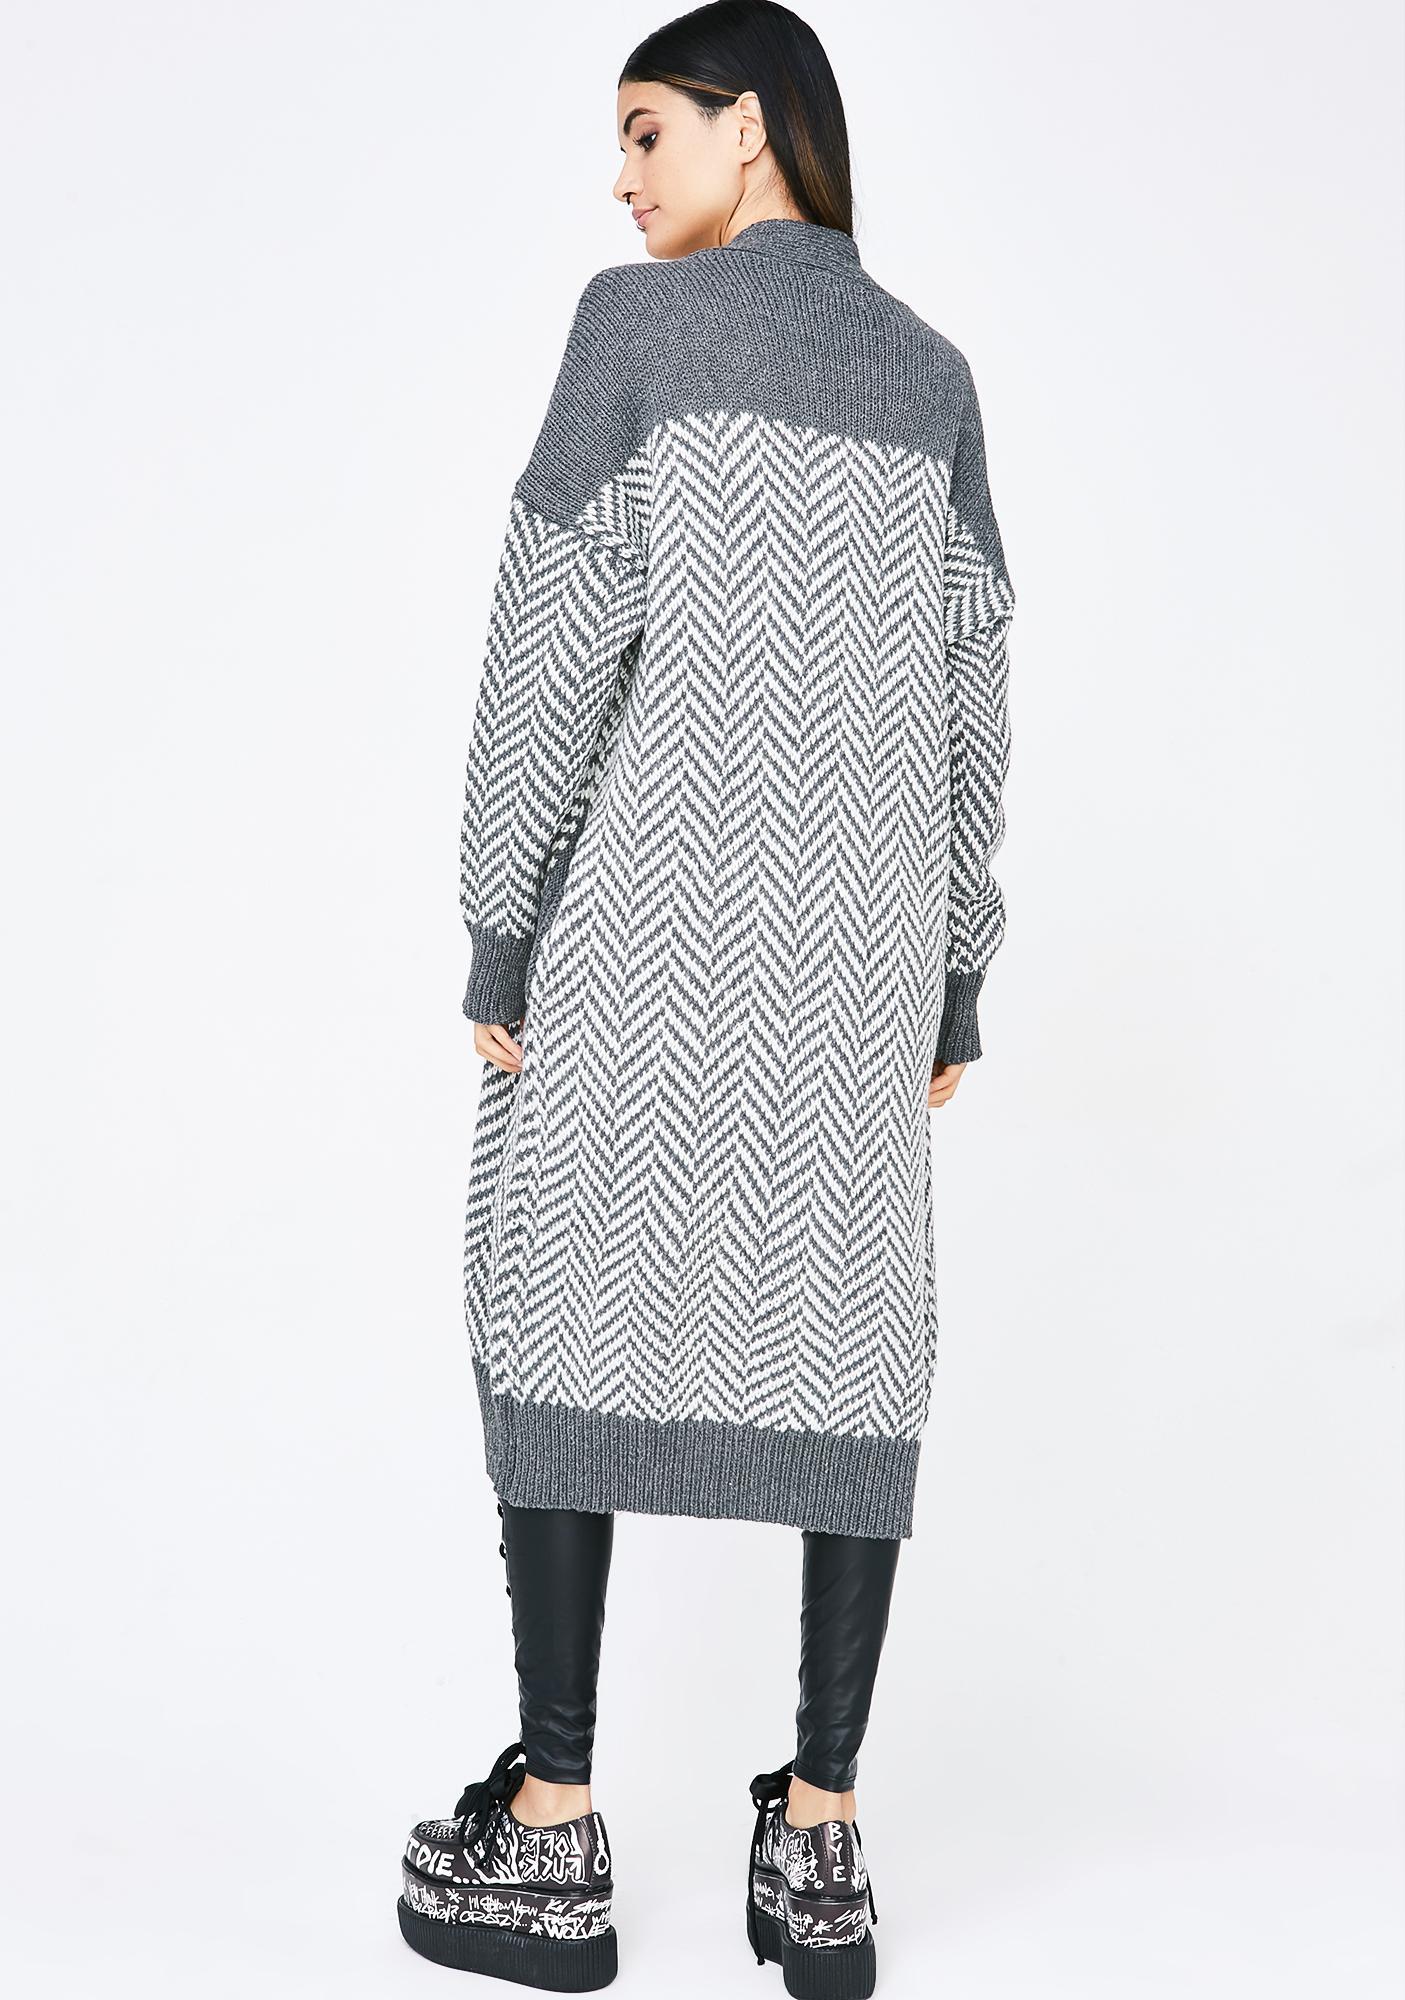 Striped Longline Knit Cardigan | Dolls Kill